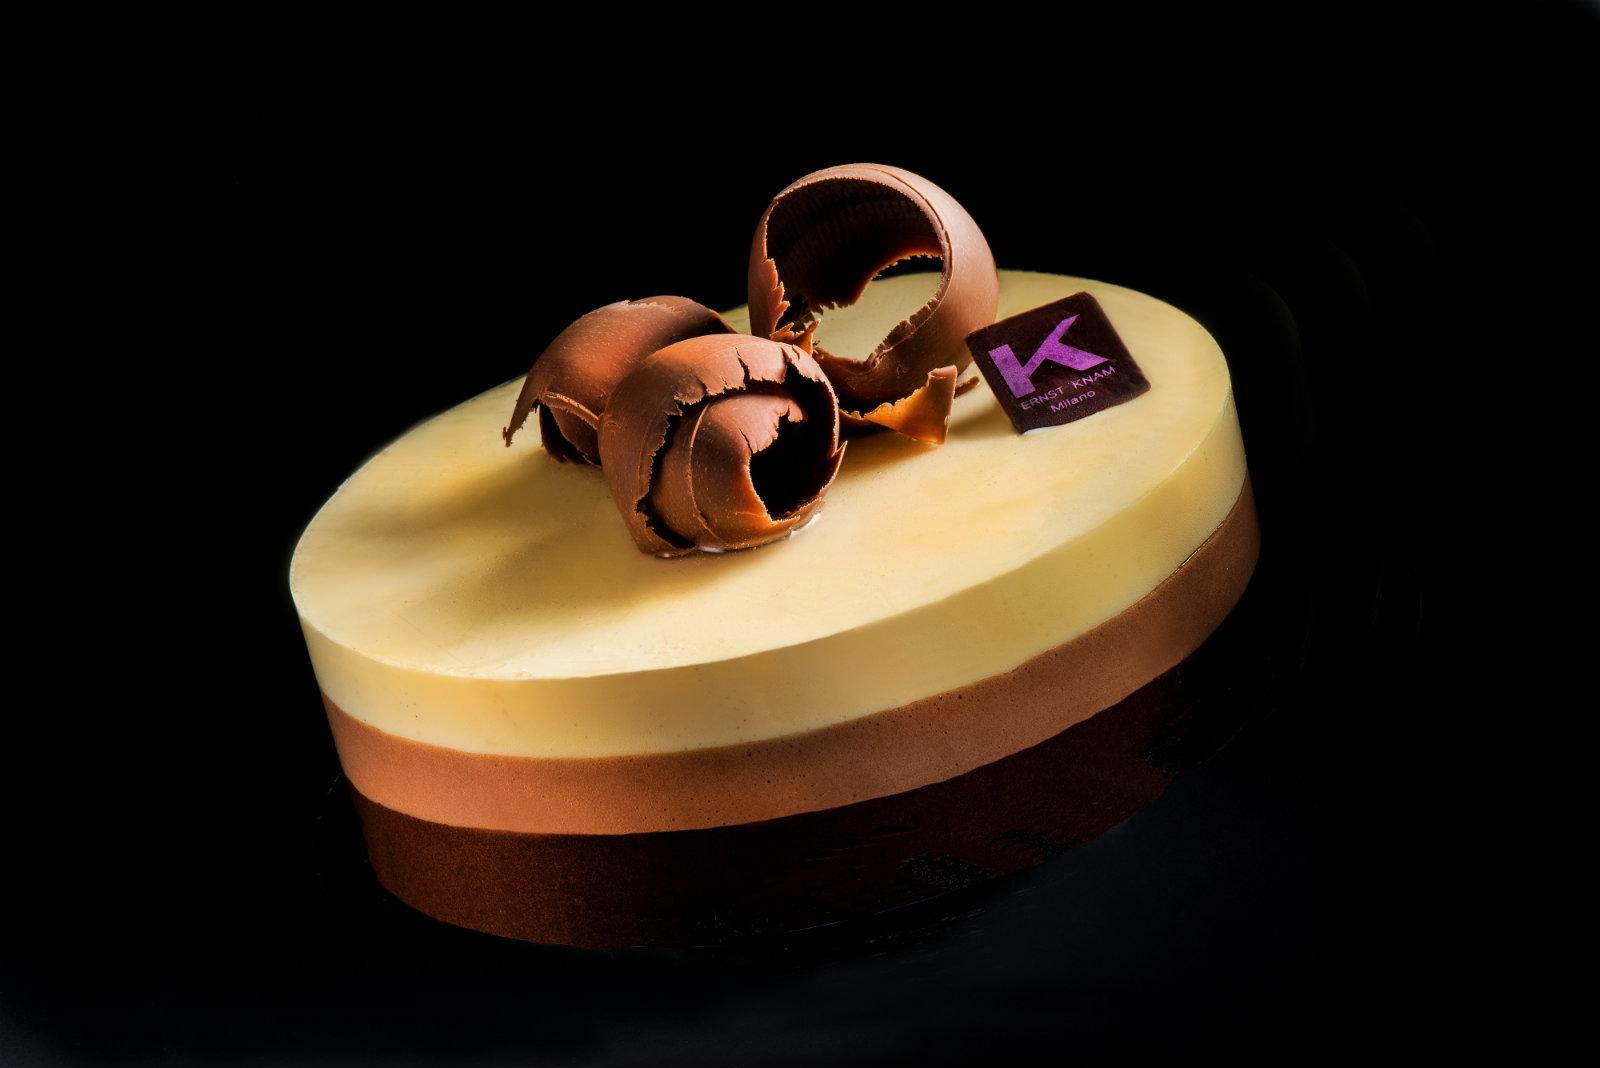 Tris-cioccolati-knam